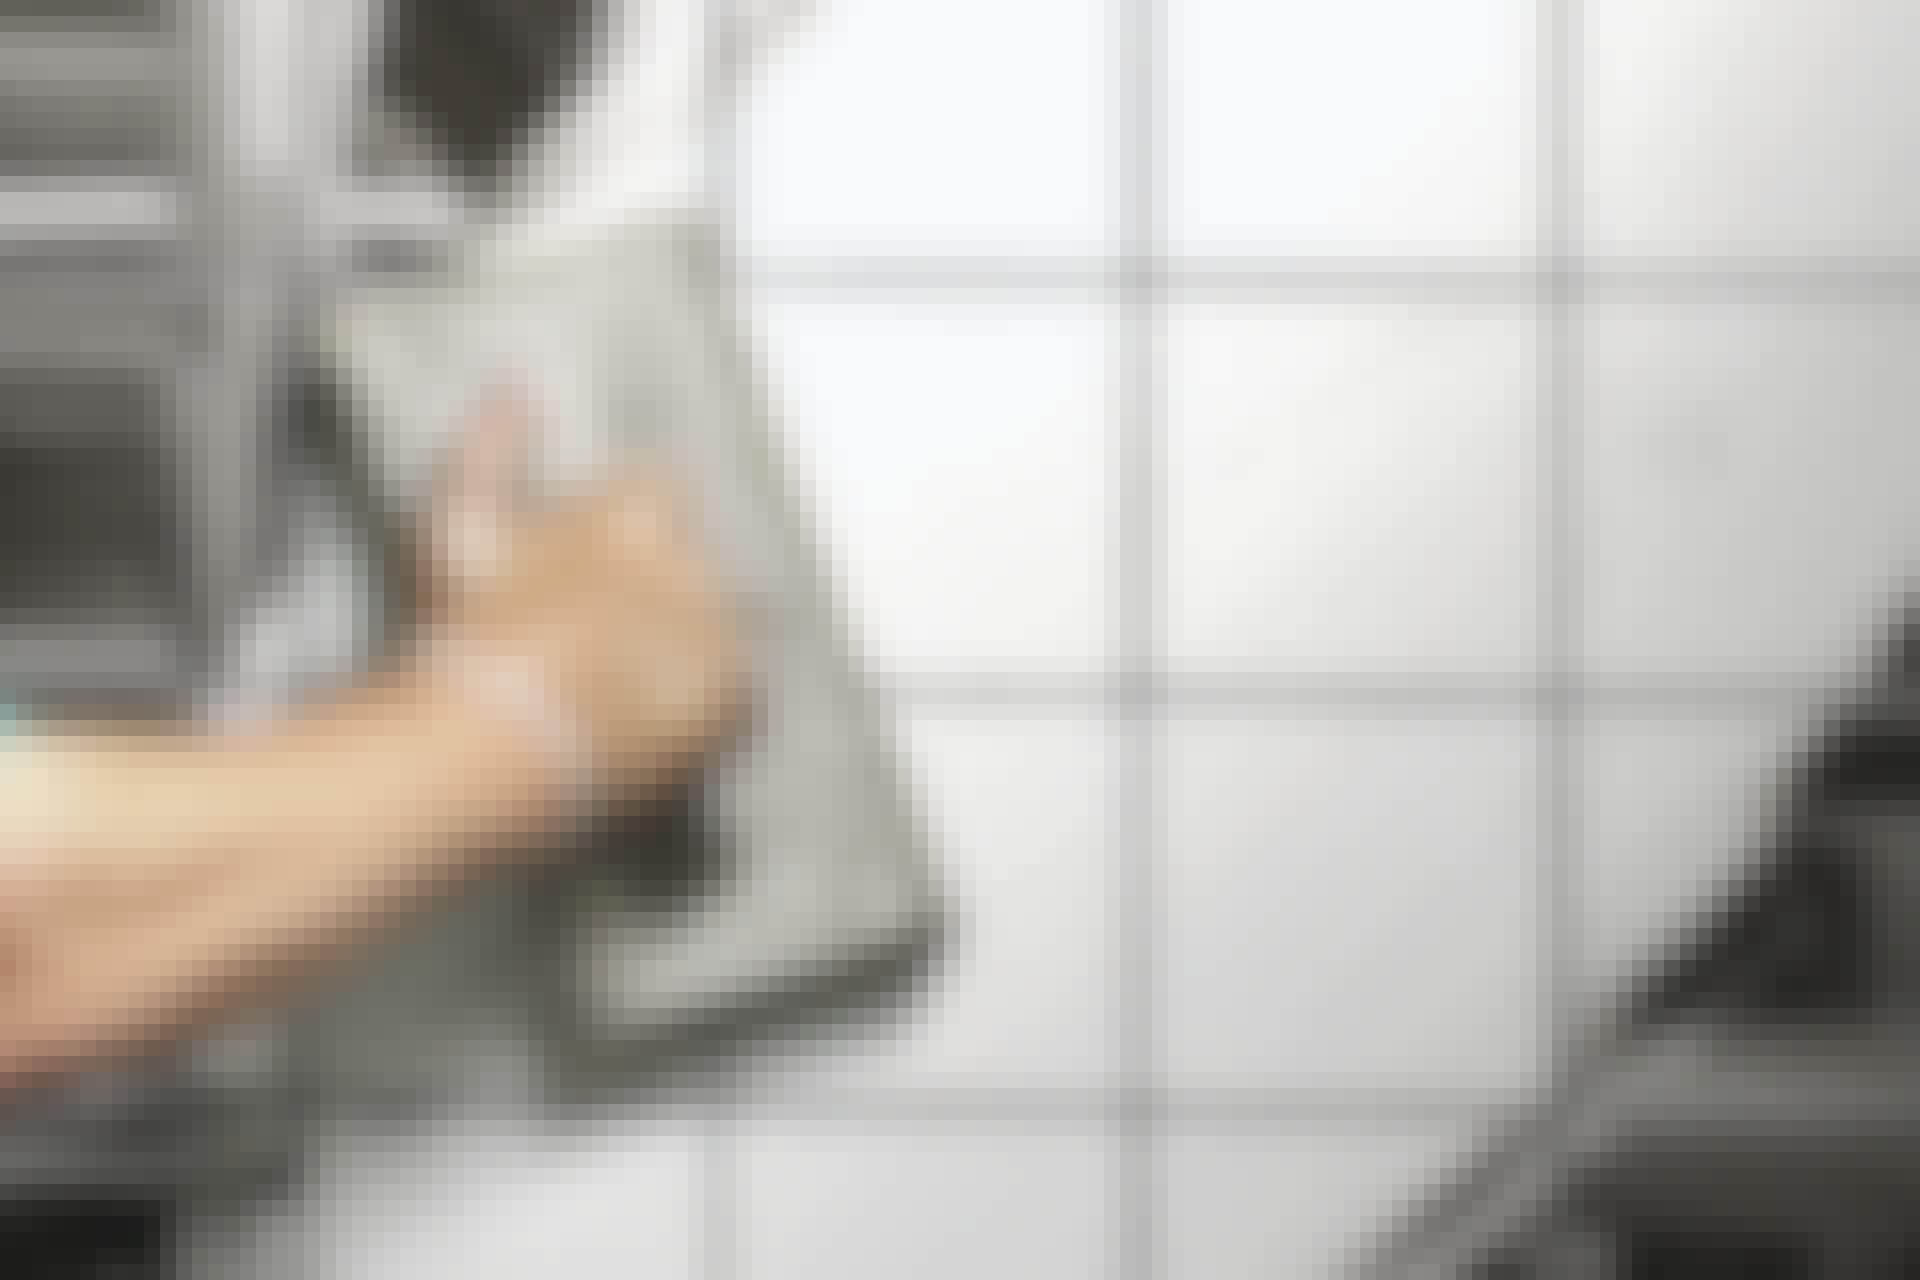 Saumalaasti: Oikeilla työkaluilla ja tekniikalla laastisaumoista tulee todella tyylikkäät.